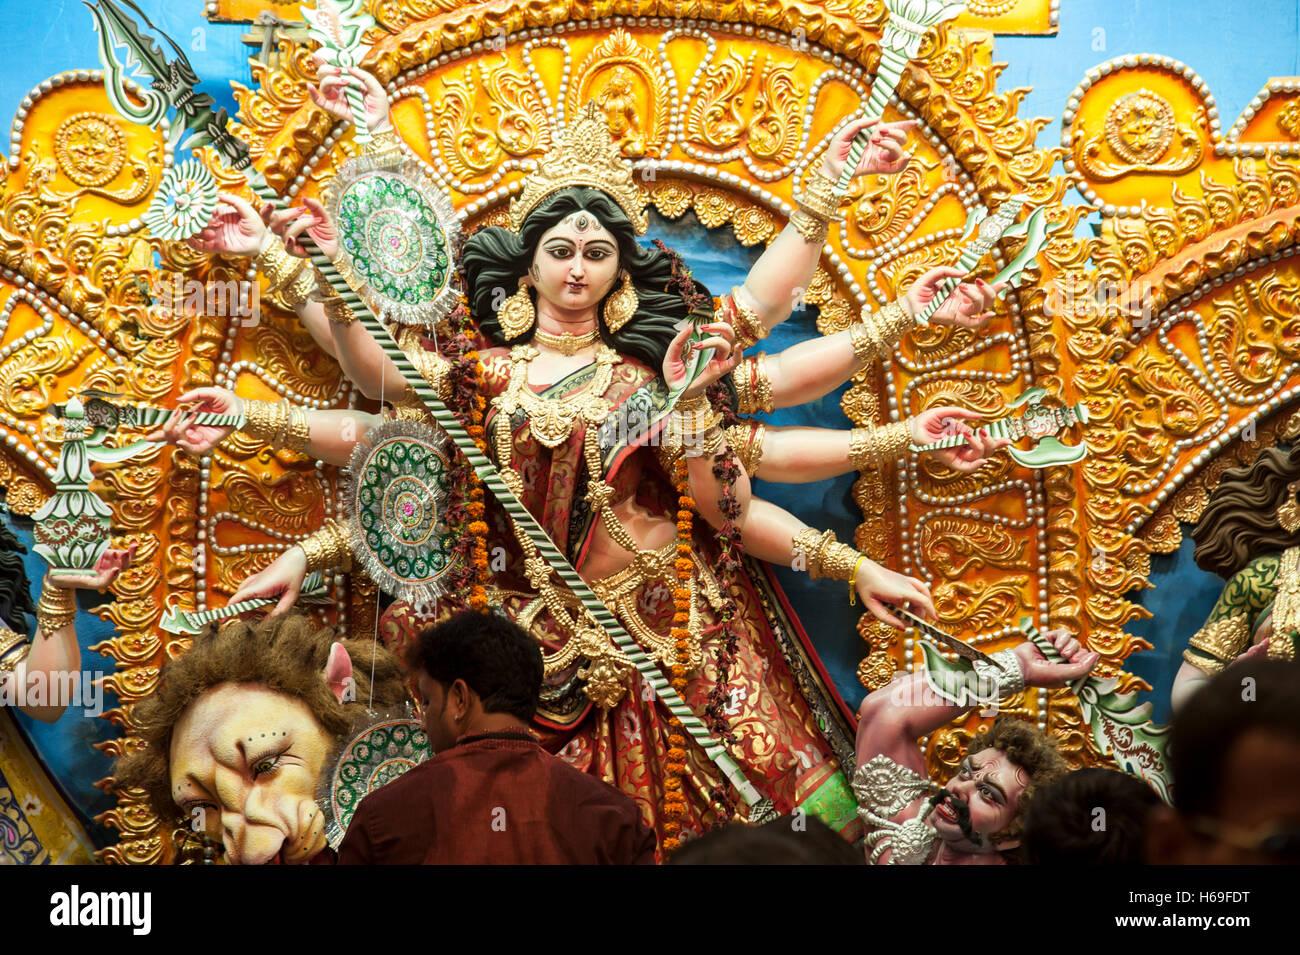 Les dévots d'adorer la Déesse Durga à Nagar bazar durga puja pandal kolkata West Bengal india Photo Stock